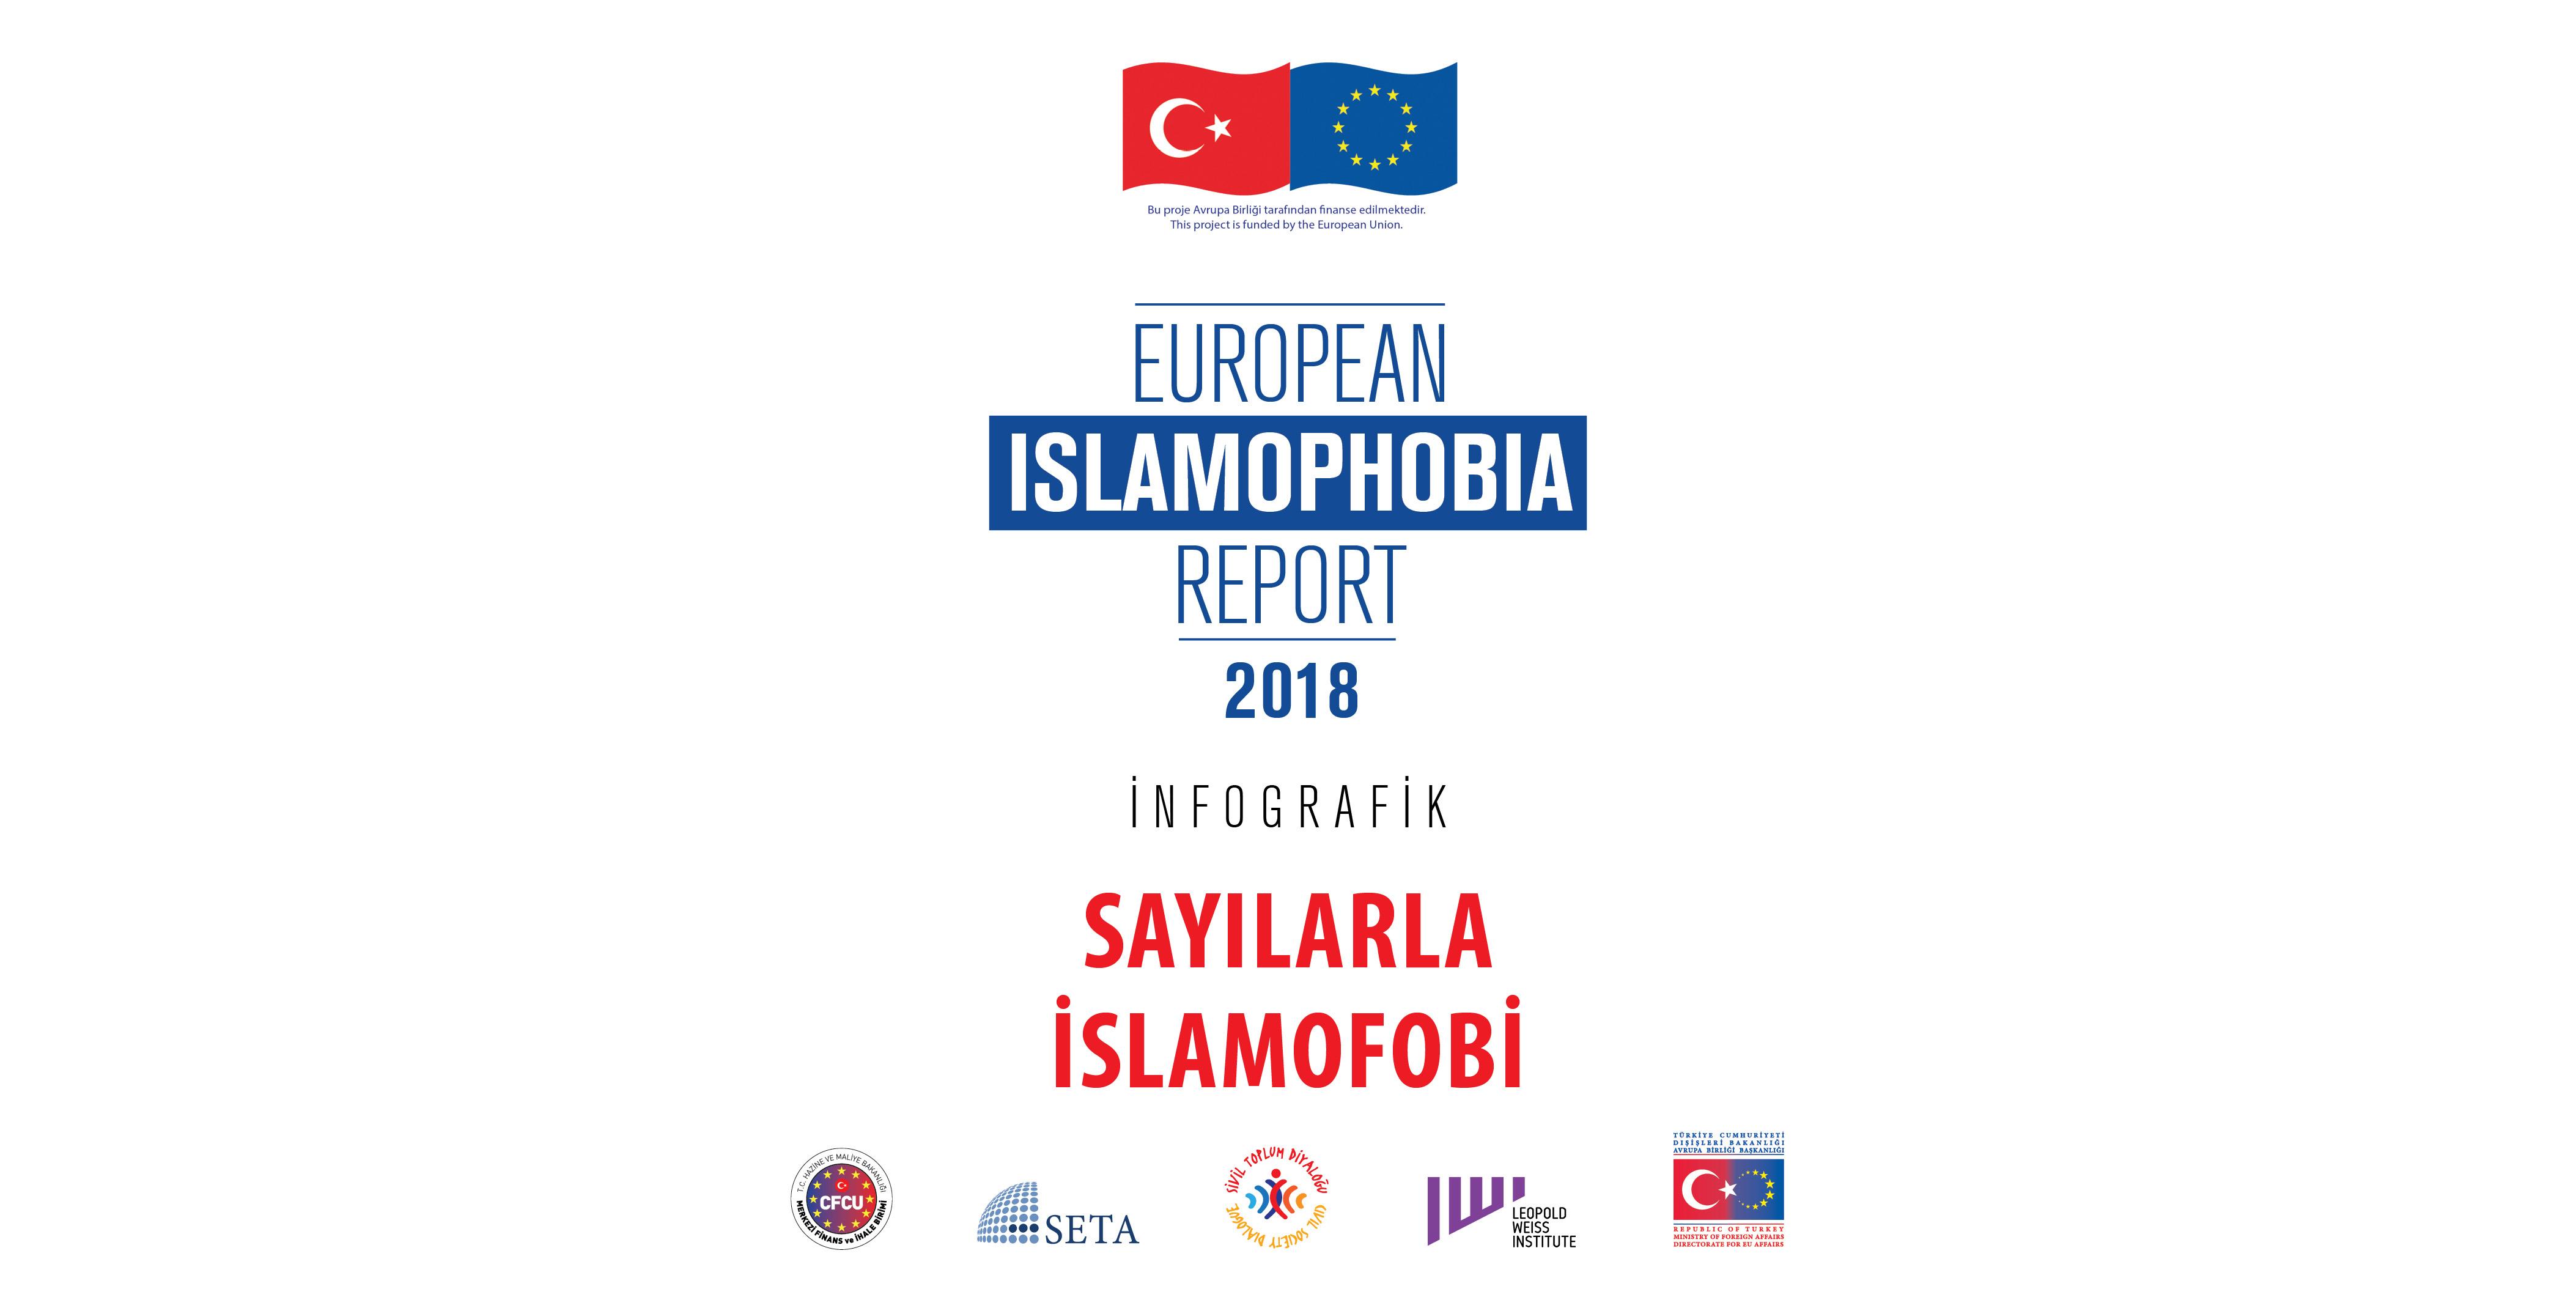 Sayılarla İslamofobi | EIR2018